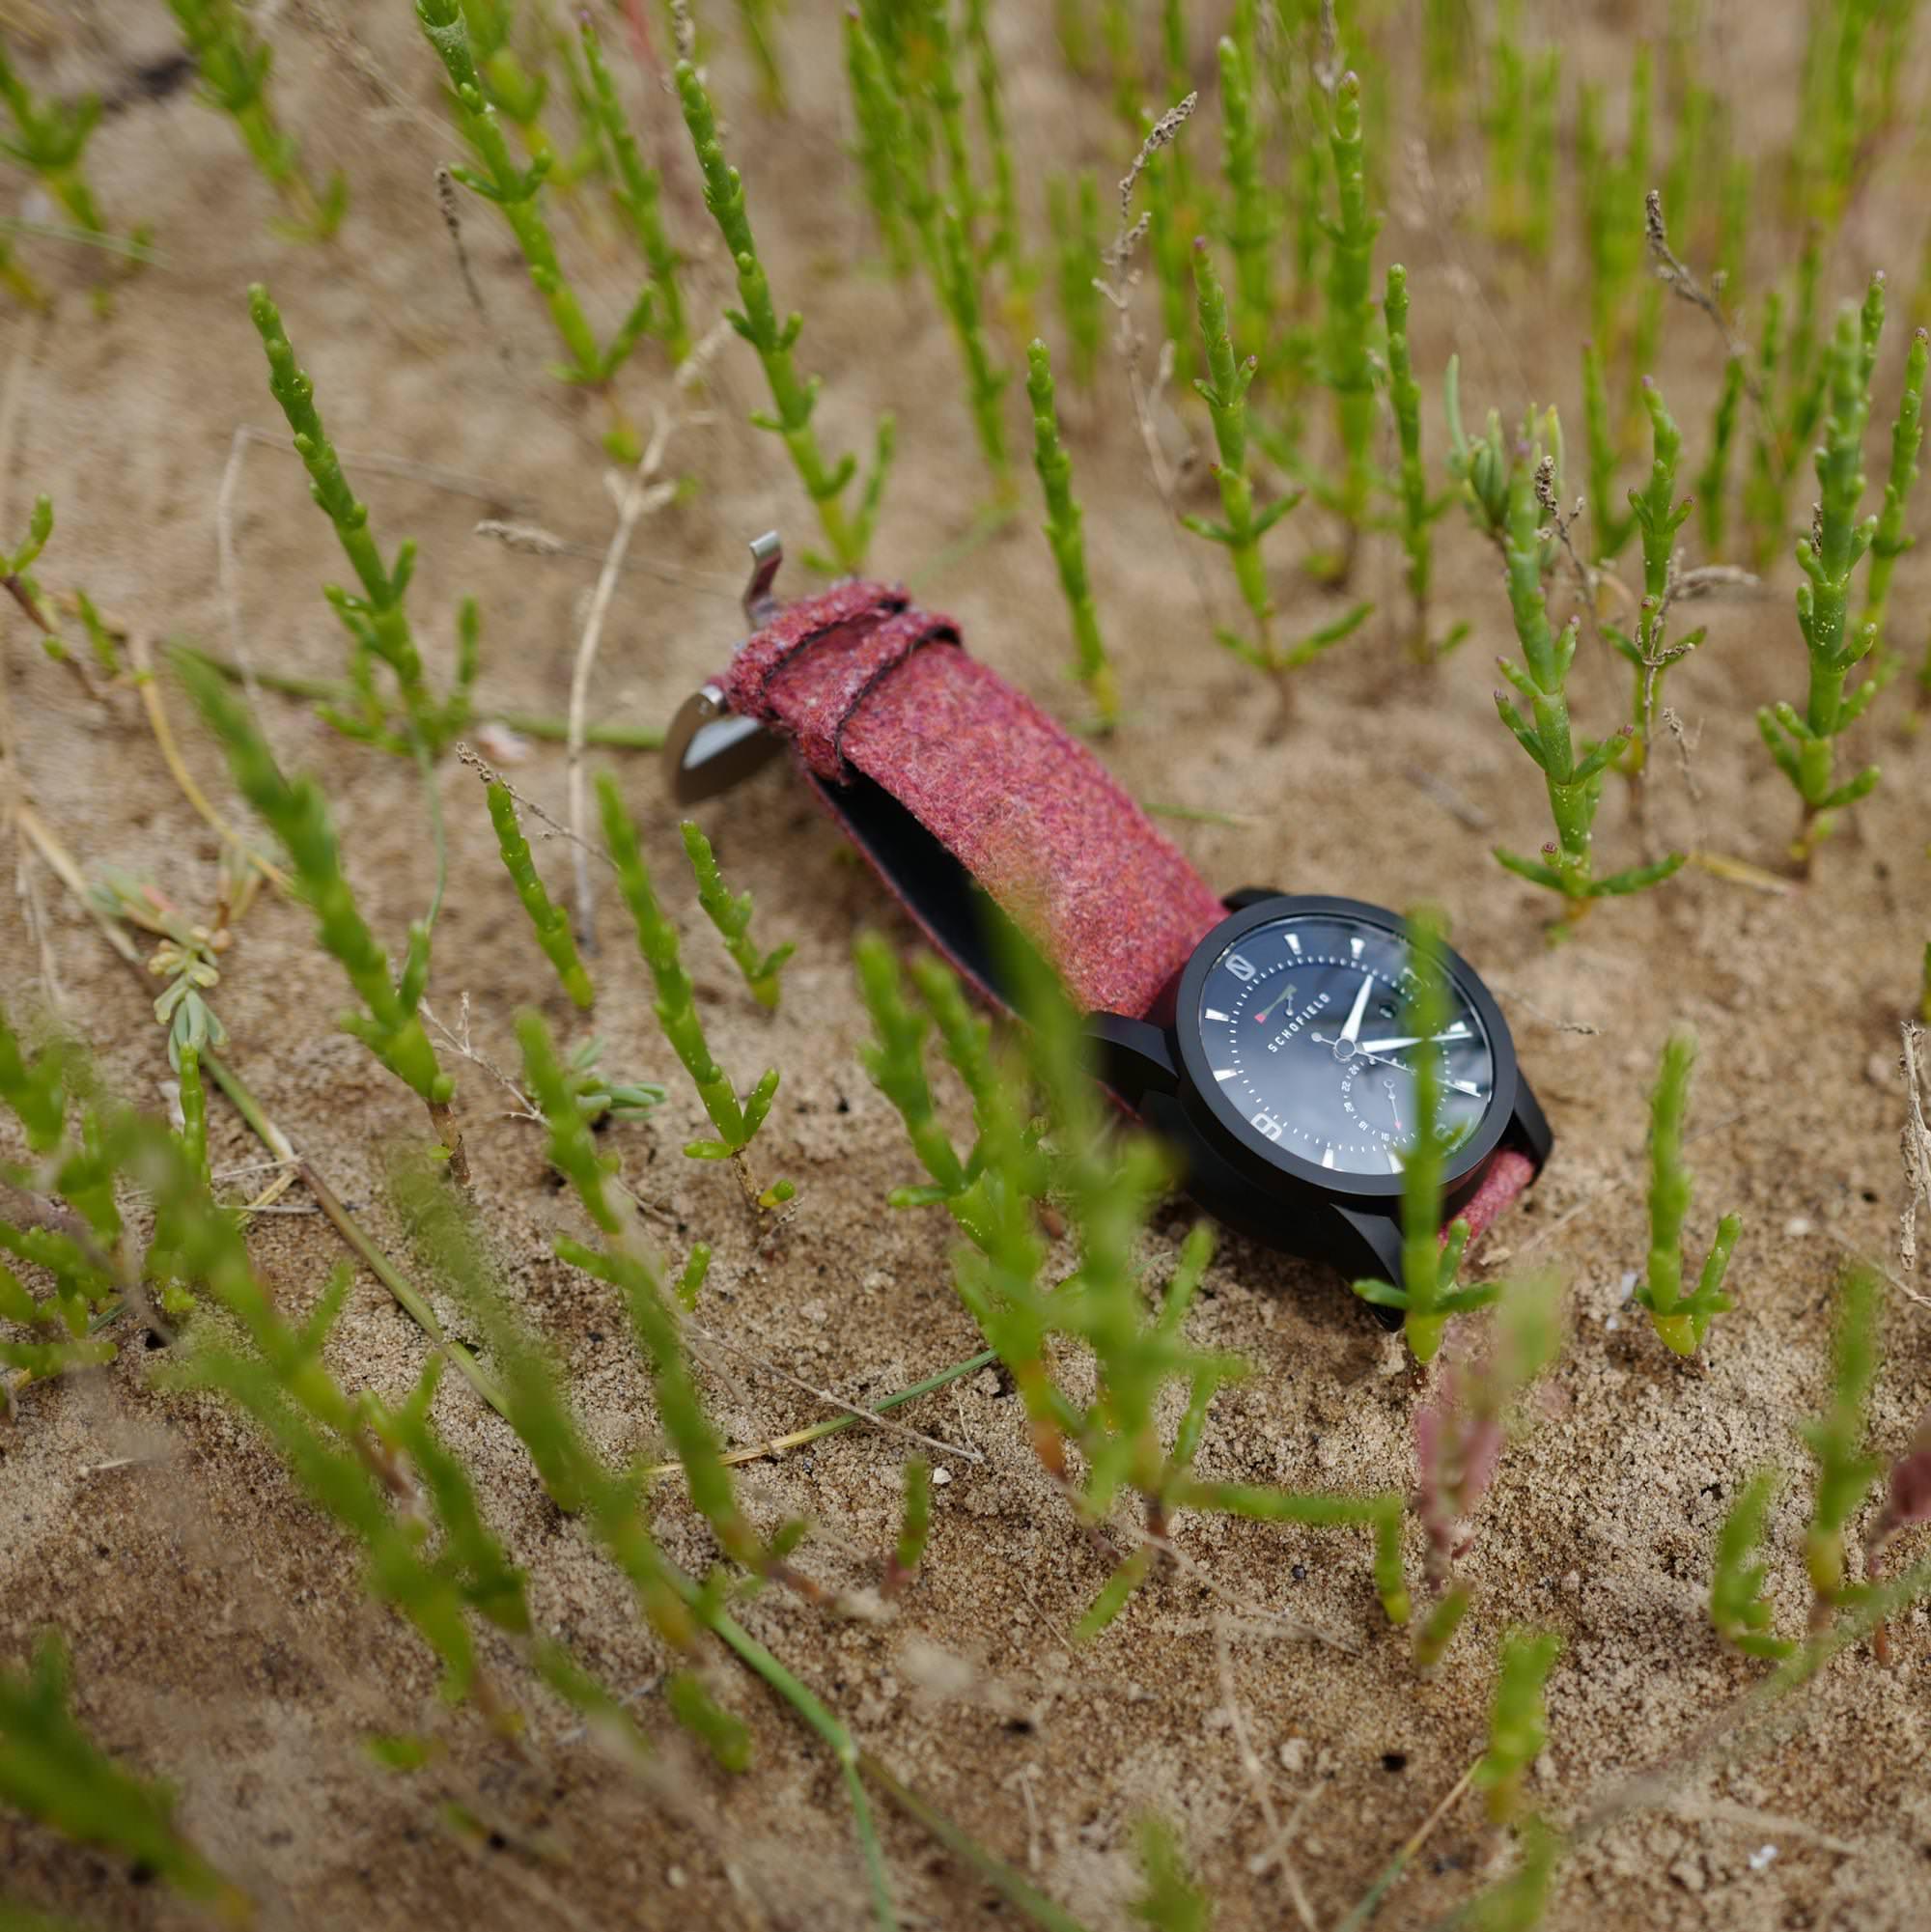 Pink watch strap